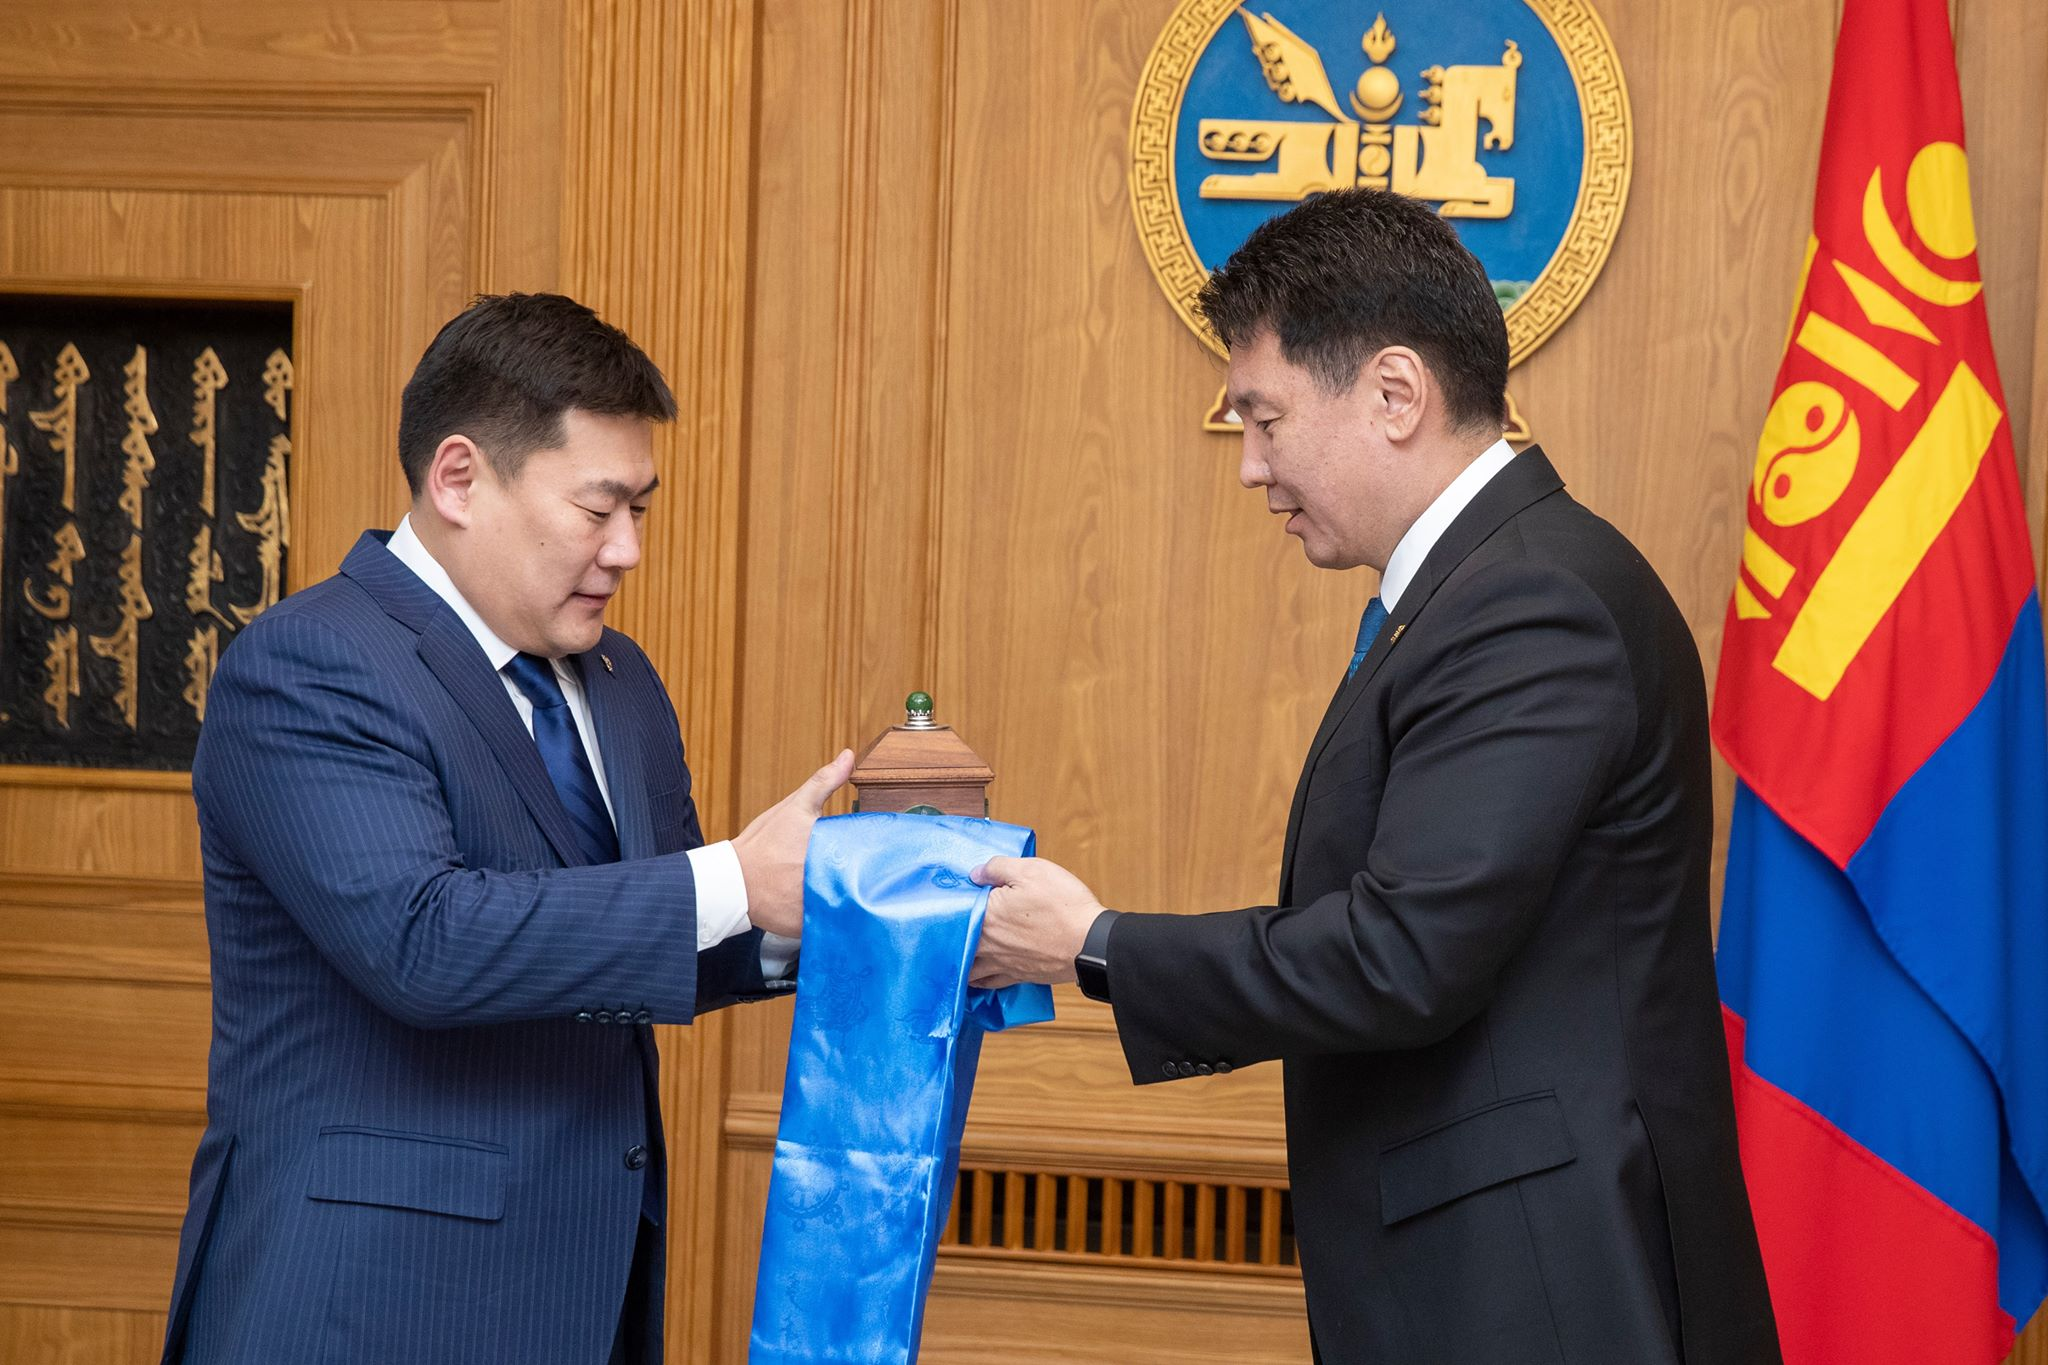 Монгол Улсын сайд, Засгийн газрын Хэрэг эрхлэх газрын дарга Л.Оюун-Эрдэнэ тамгаа гардан авлаа